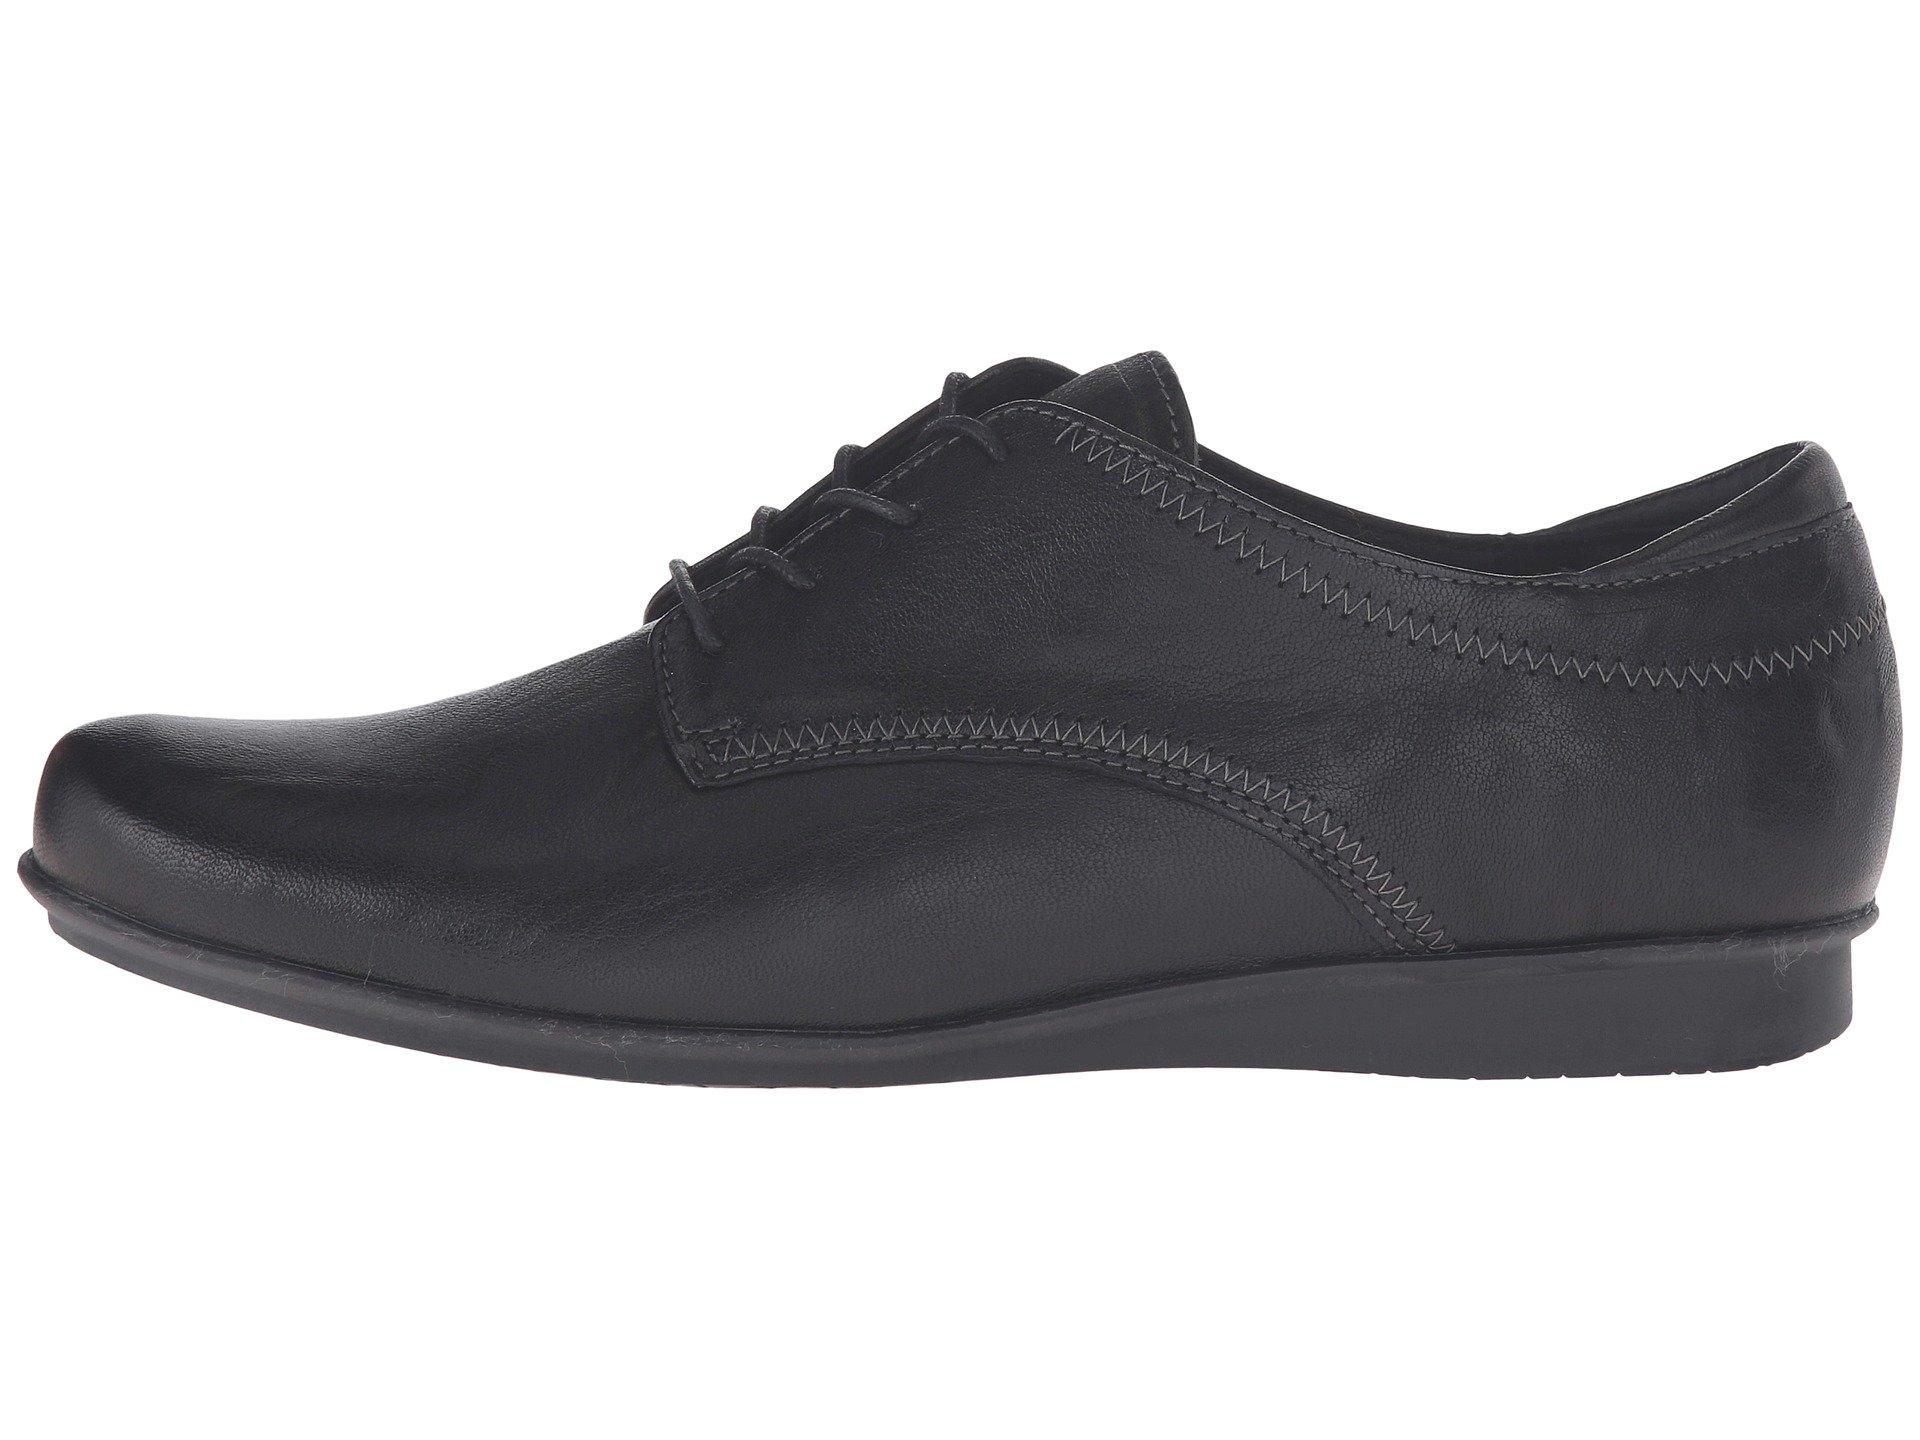 Ideal Taos Footwear kiXy6zFD4